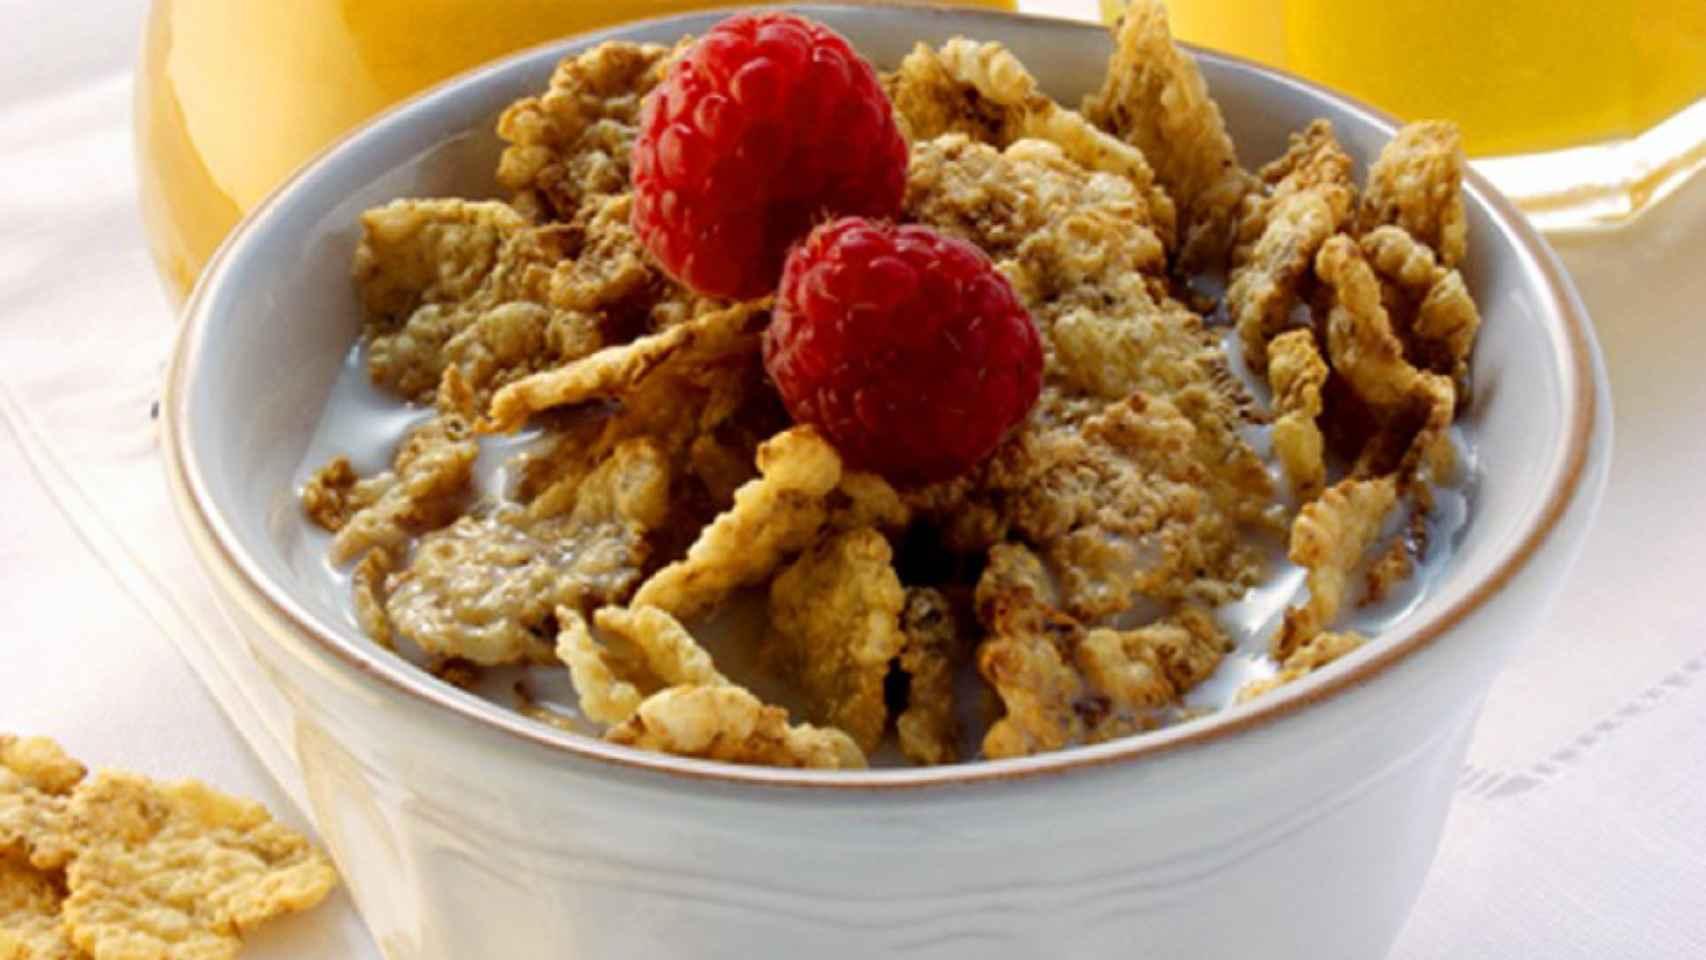 Un desayuno a base de cereales y zumo de naranja.